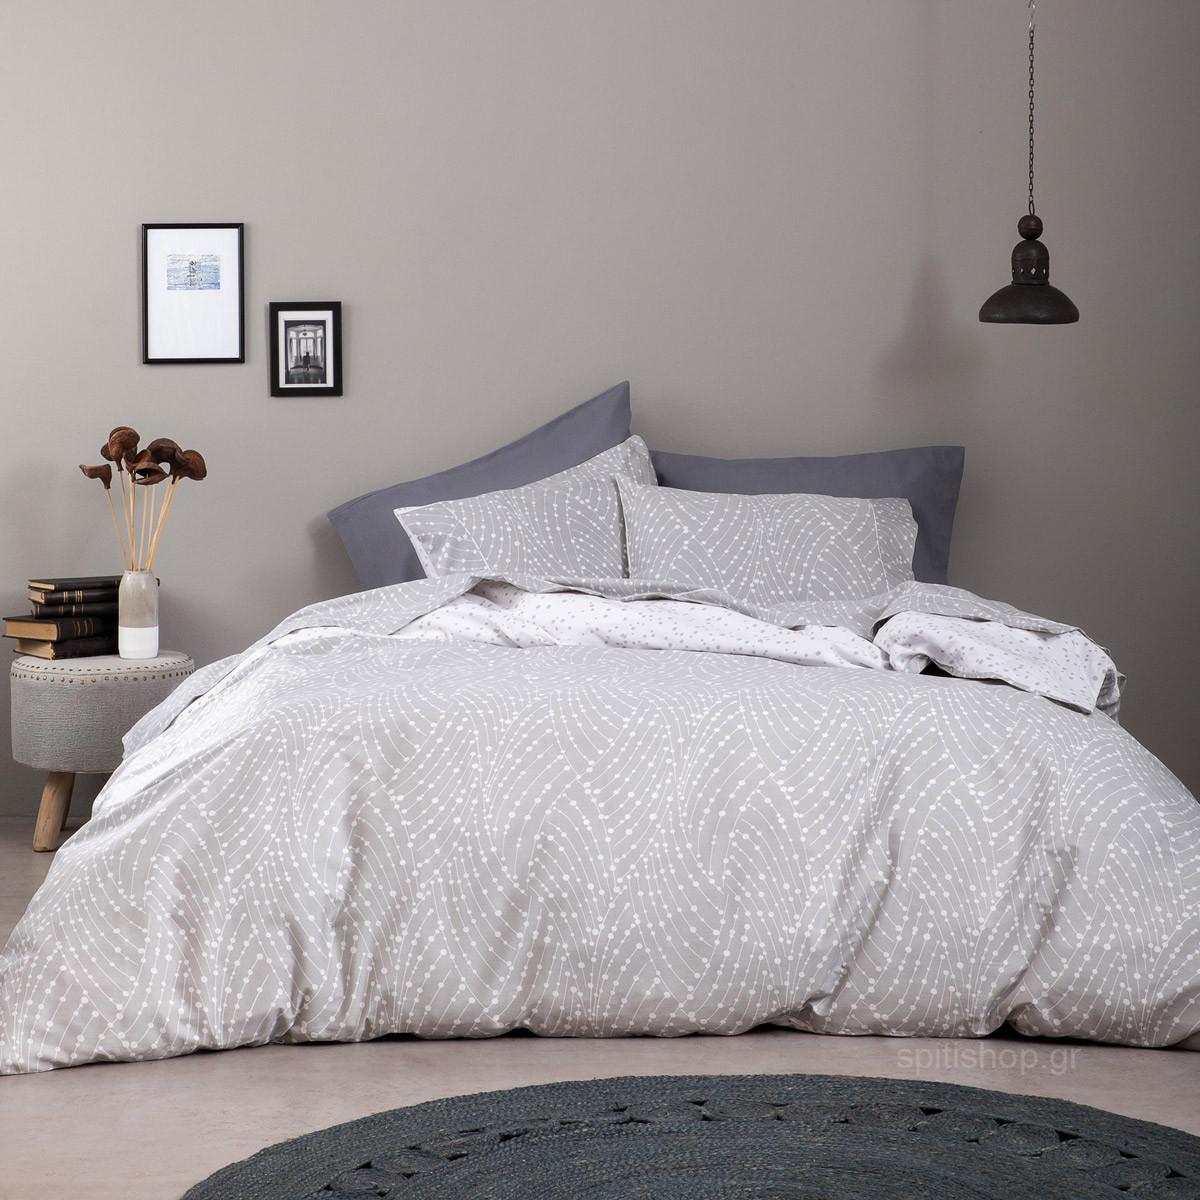 Παπλωματοθήκη Υπέρδιπλη (Σετ) Nima Bed Linen Allure Grey